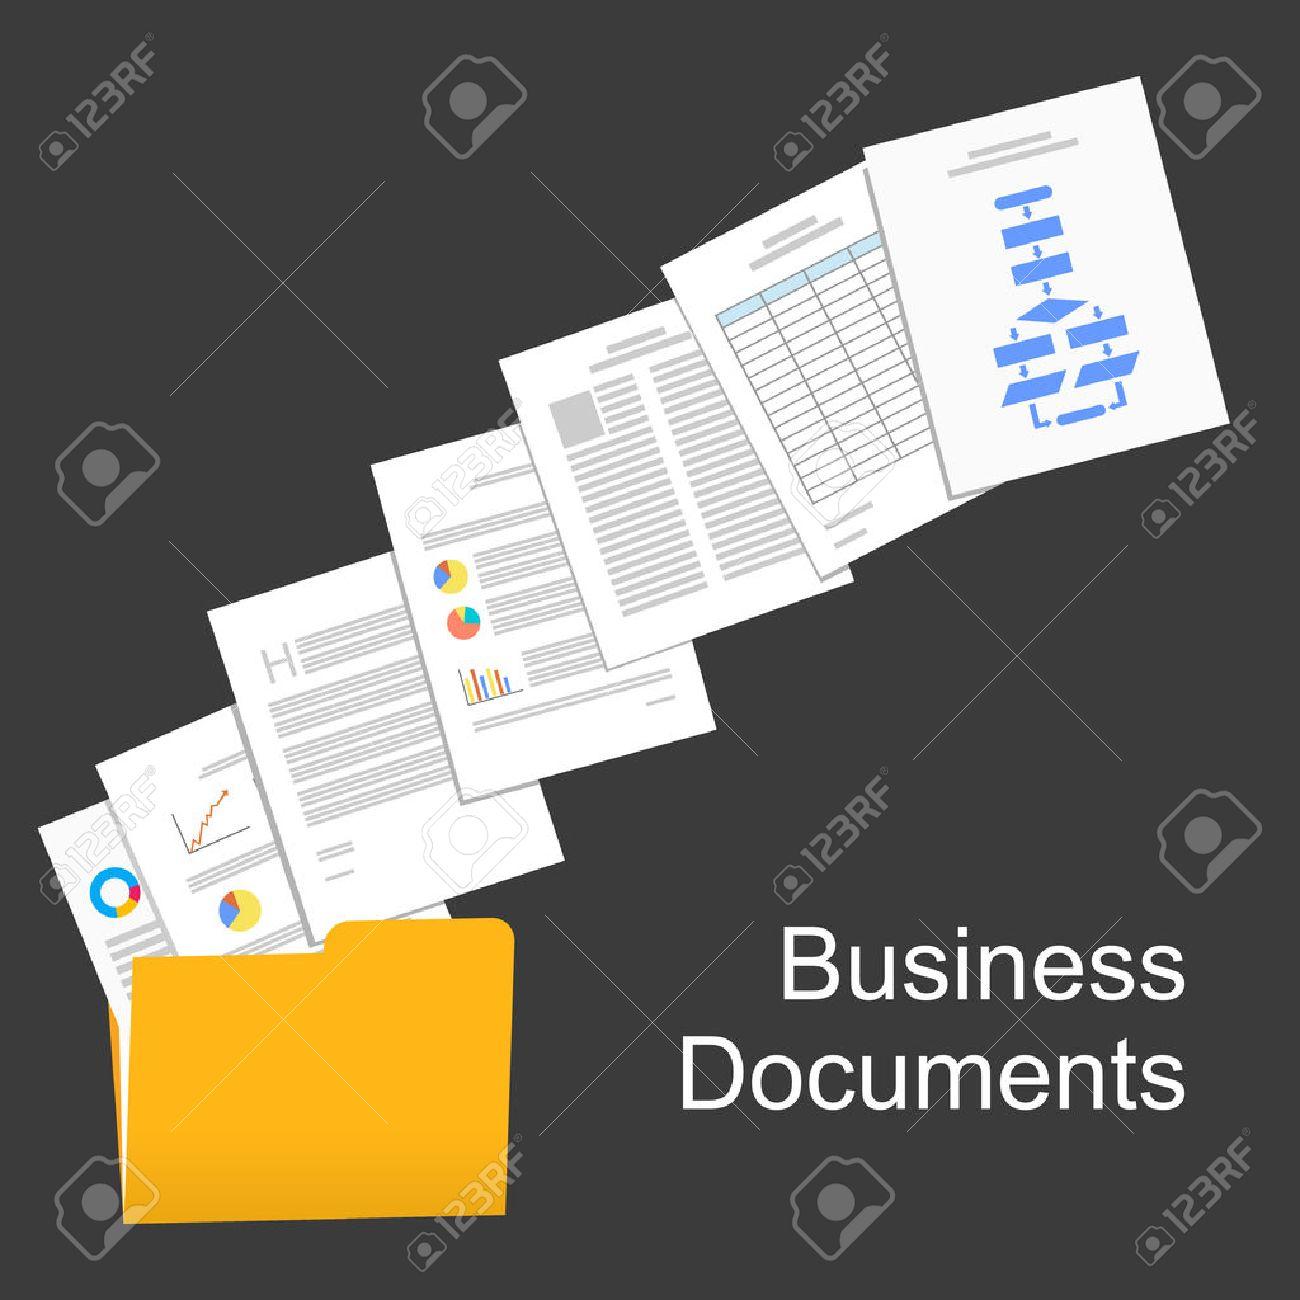 Flat design illustration for business documents, business report, business documents, working, management. - 44039336